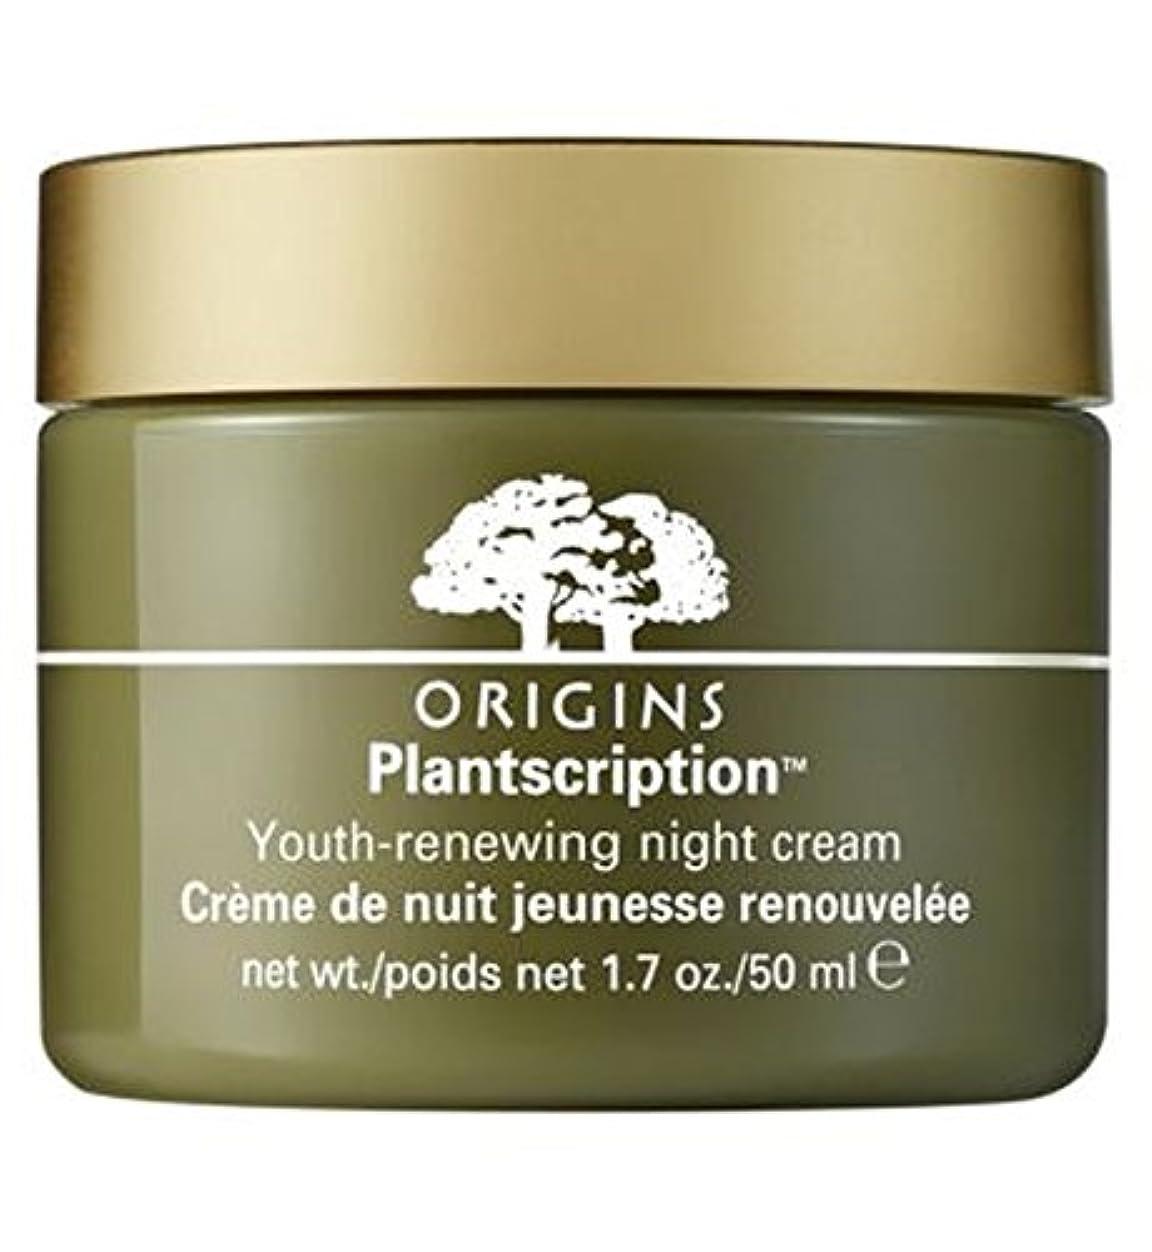 所有権物質怖がらせる起源Plantscriptionナイトクリーム50ミリリットル (Origins) (x2) - Origins Plantscription Night Cream 50ml (Pack of 2) [並行輸入品]